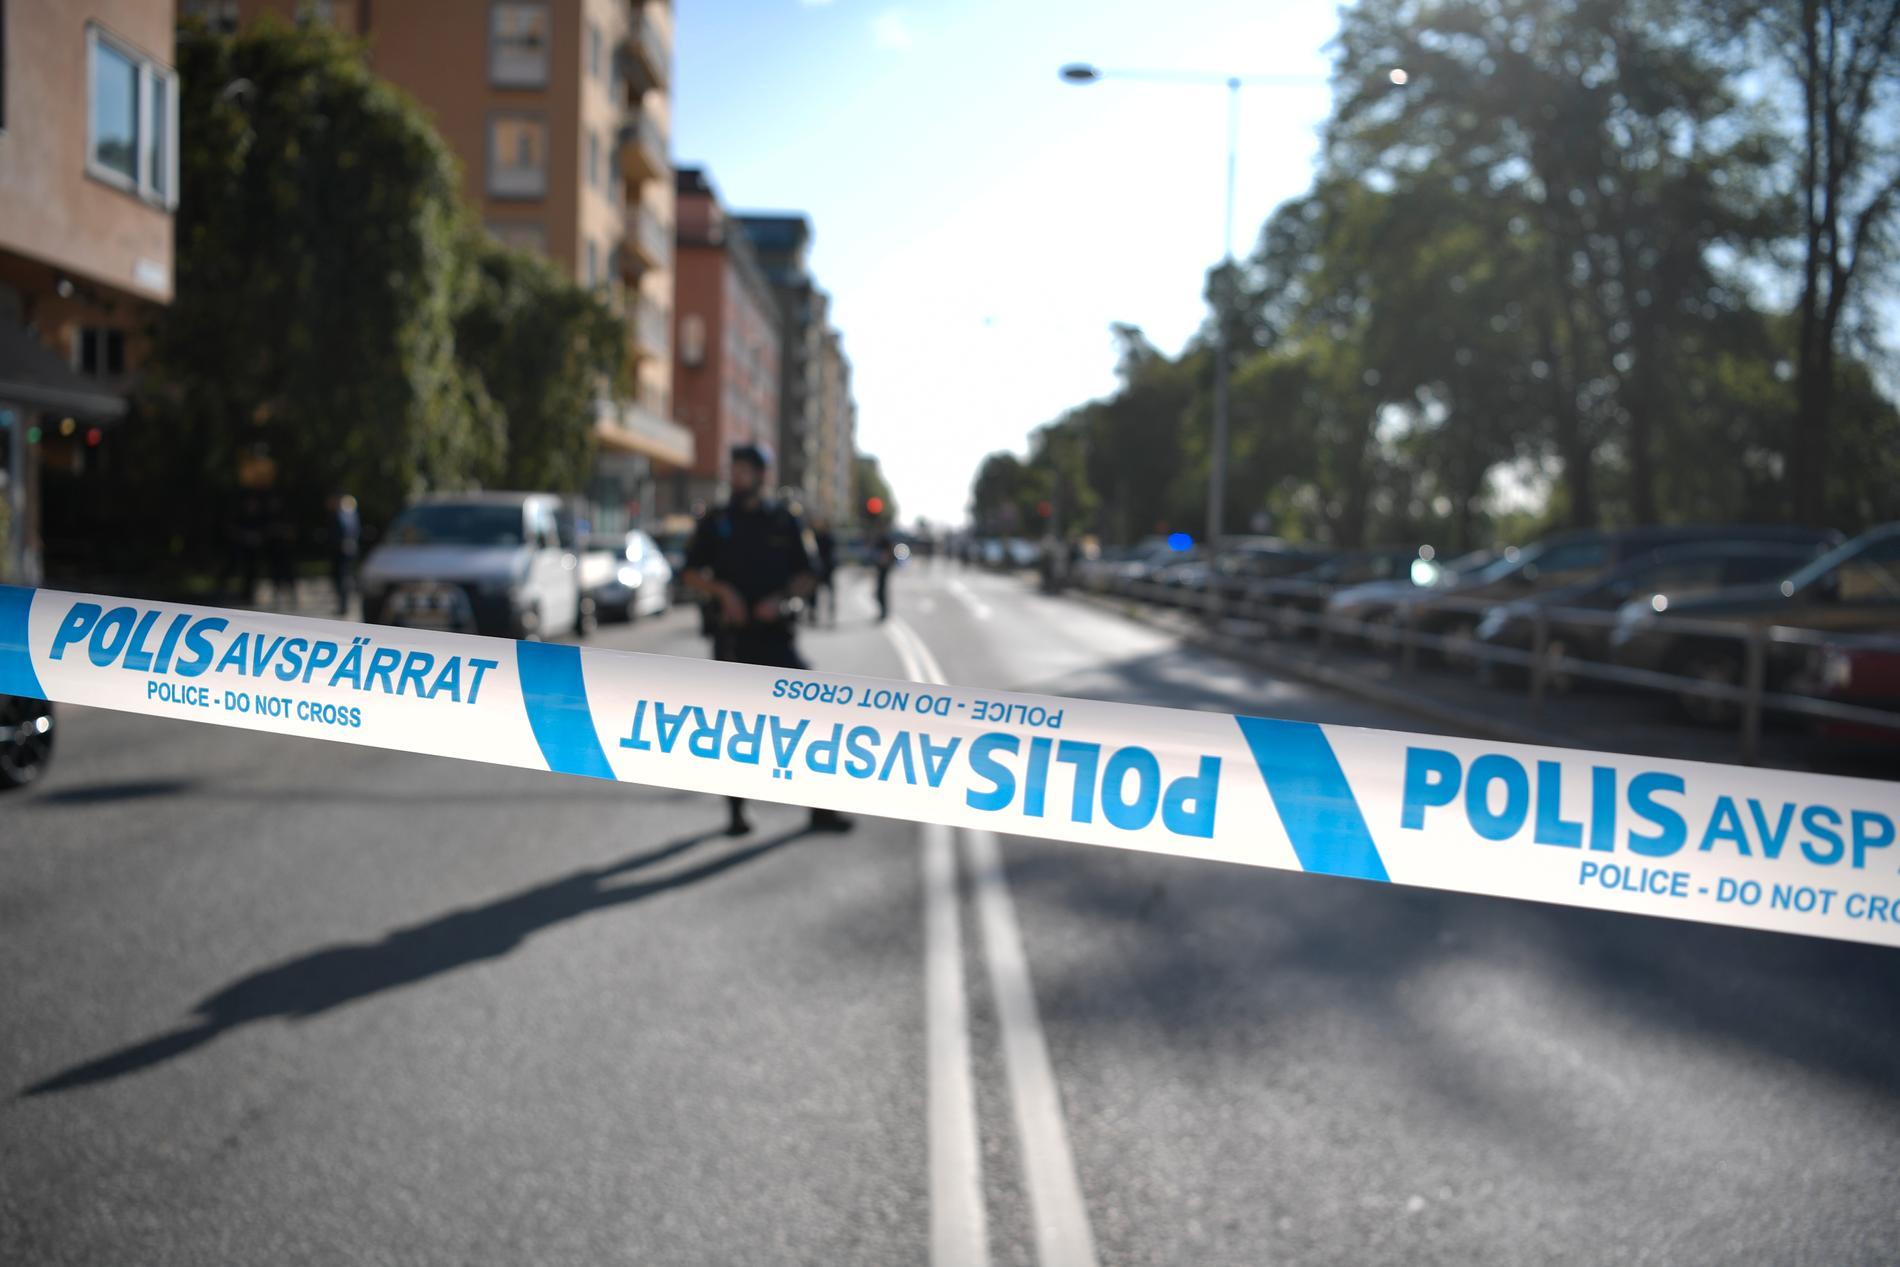 Polisavspärrningar på Kungsholmen efter attacken på advokaten i september förra året. Arkivbild.